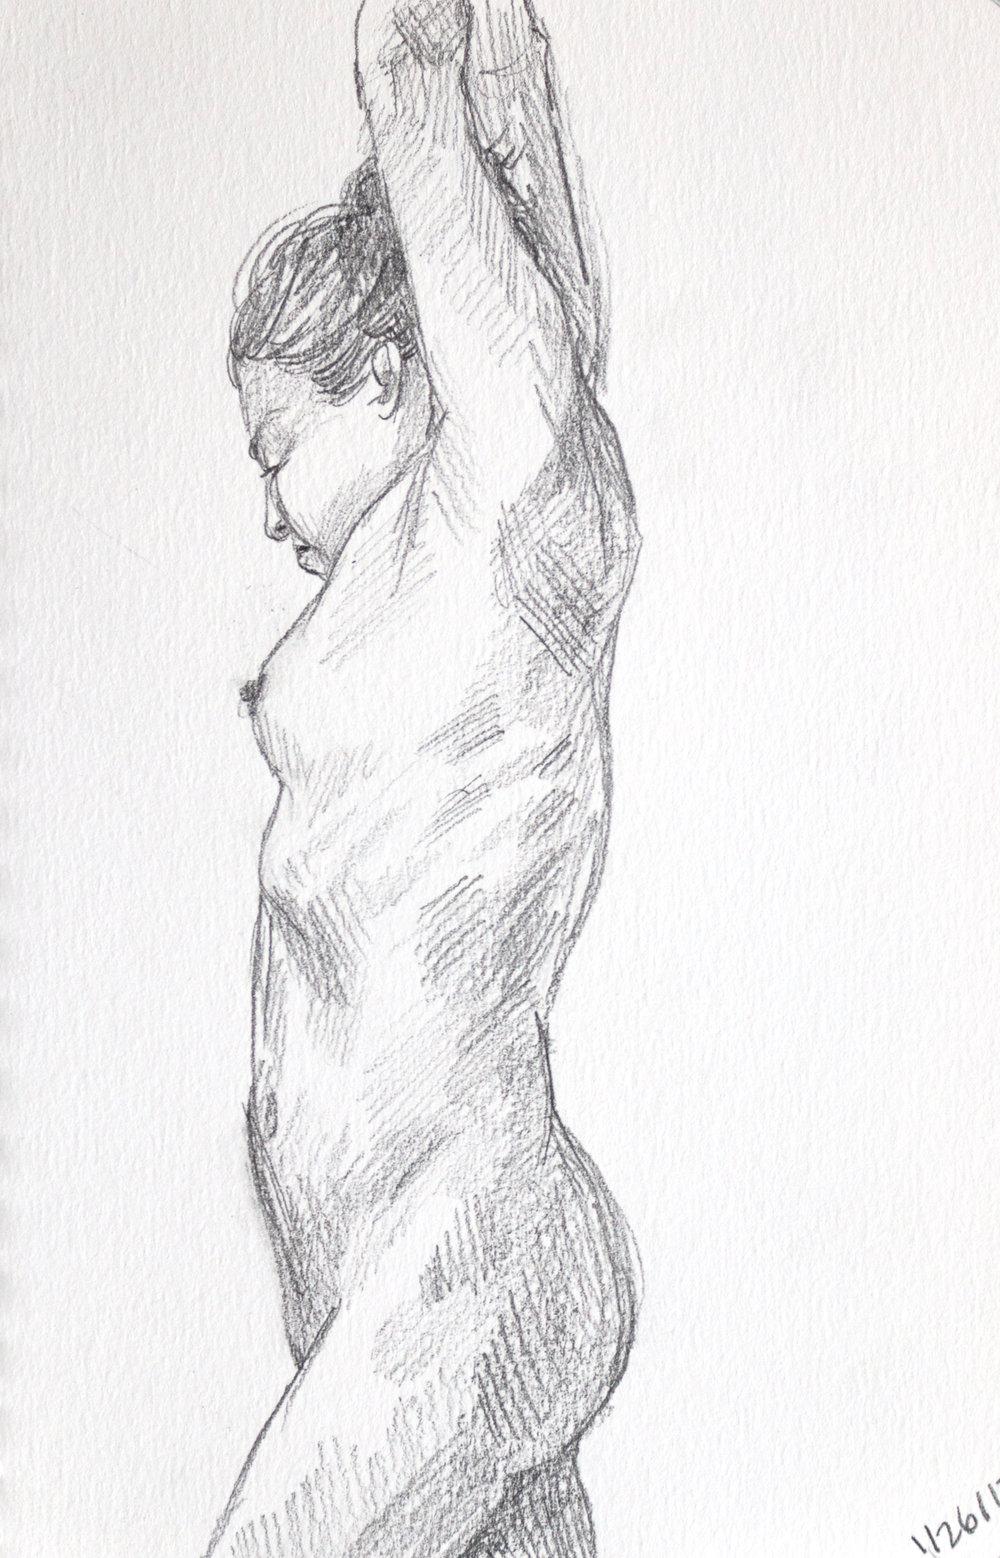 sketchbook_lo_res-6.jpg